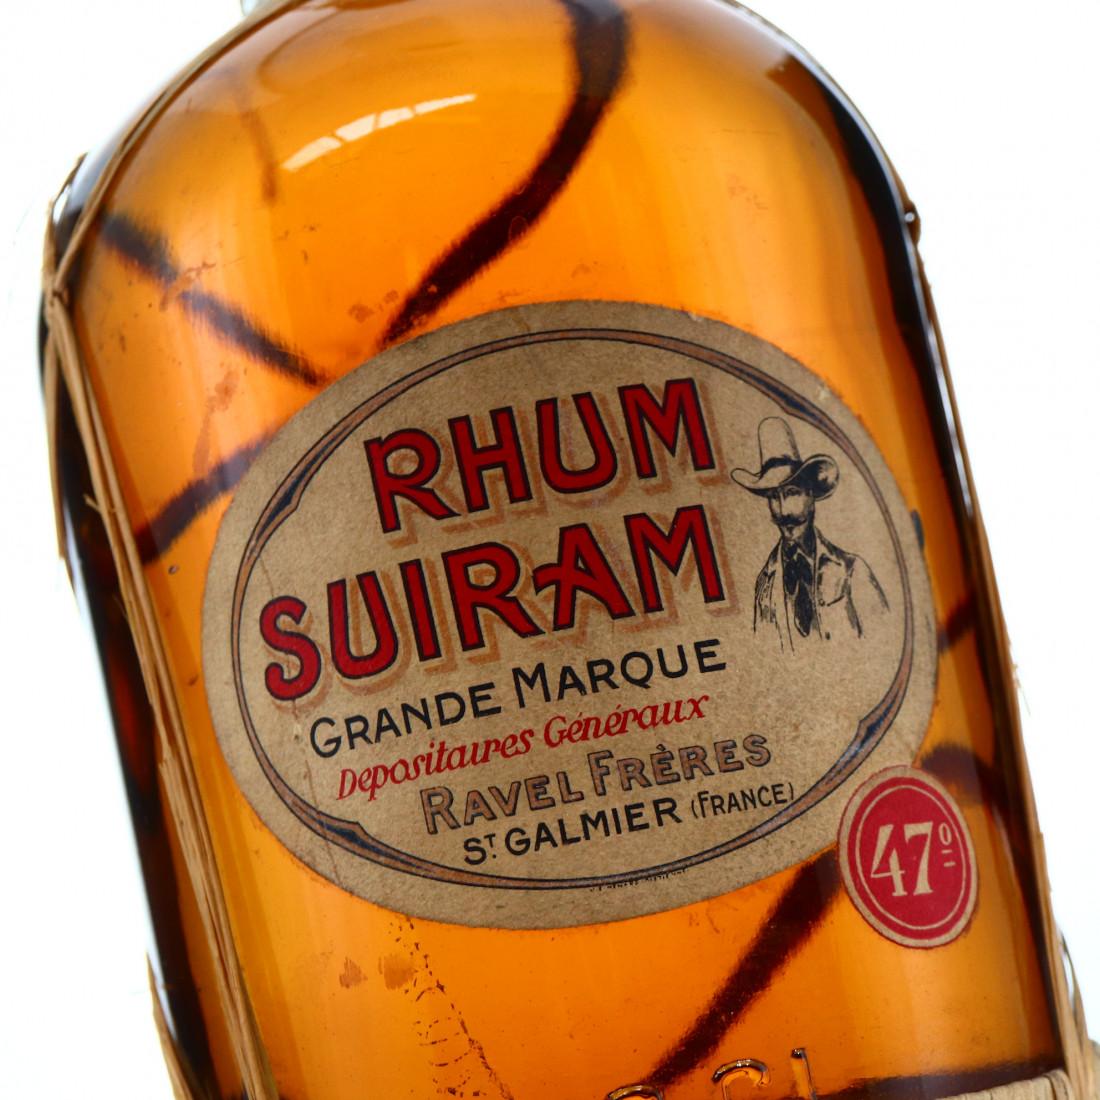 Rhum Suiram Grande Marque 1 Litre circa 1940s-50s